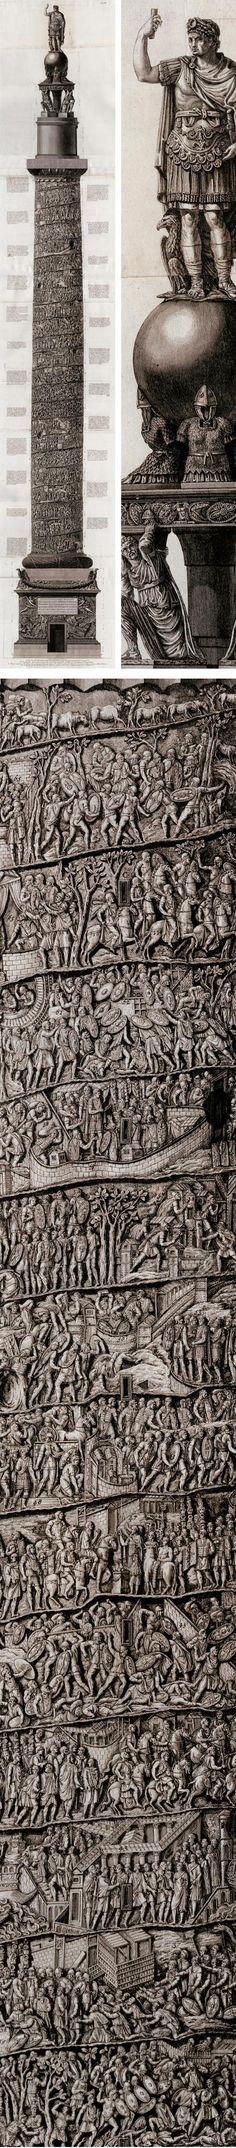 Trajan's Column by Giovanni Battista Piranesi is a Roman triumphal column in Rome. It commemorates Roman emperor Trayan's victory in the Dacian Wars.